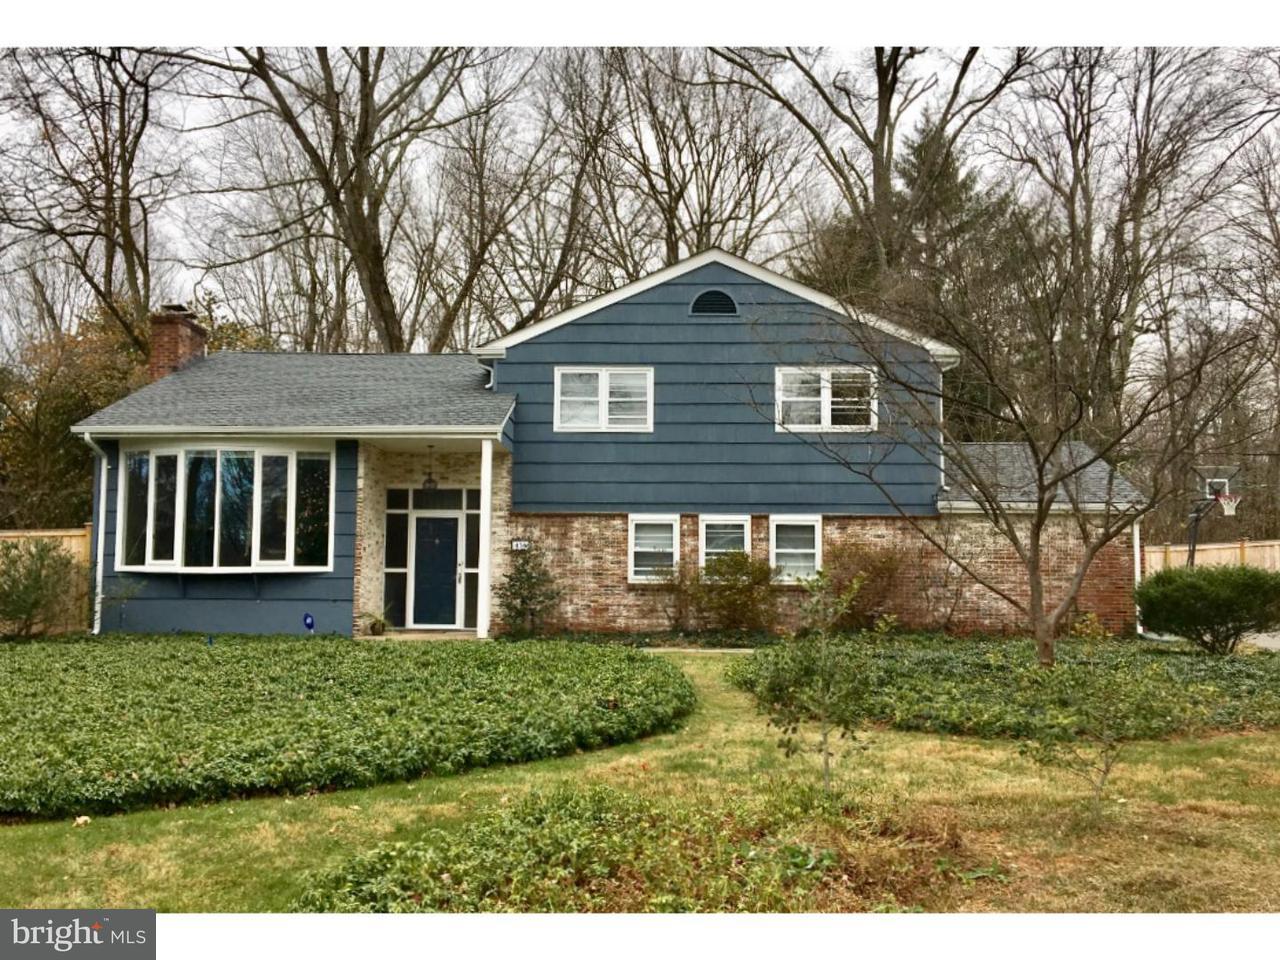 Частный односемейный дом для того Аренда на 456 RIVERSIDE Drive Princeton, Нью-Джерси 08540 Соединенные ШтатыВ/Около: Princeton